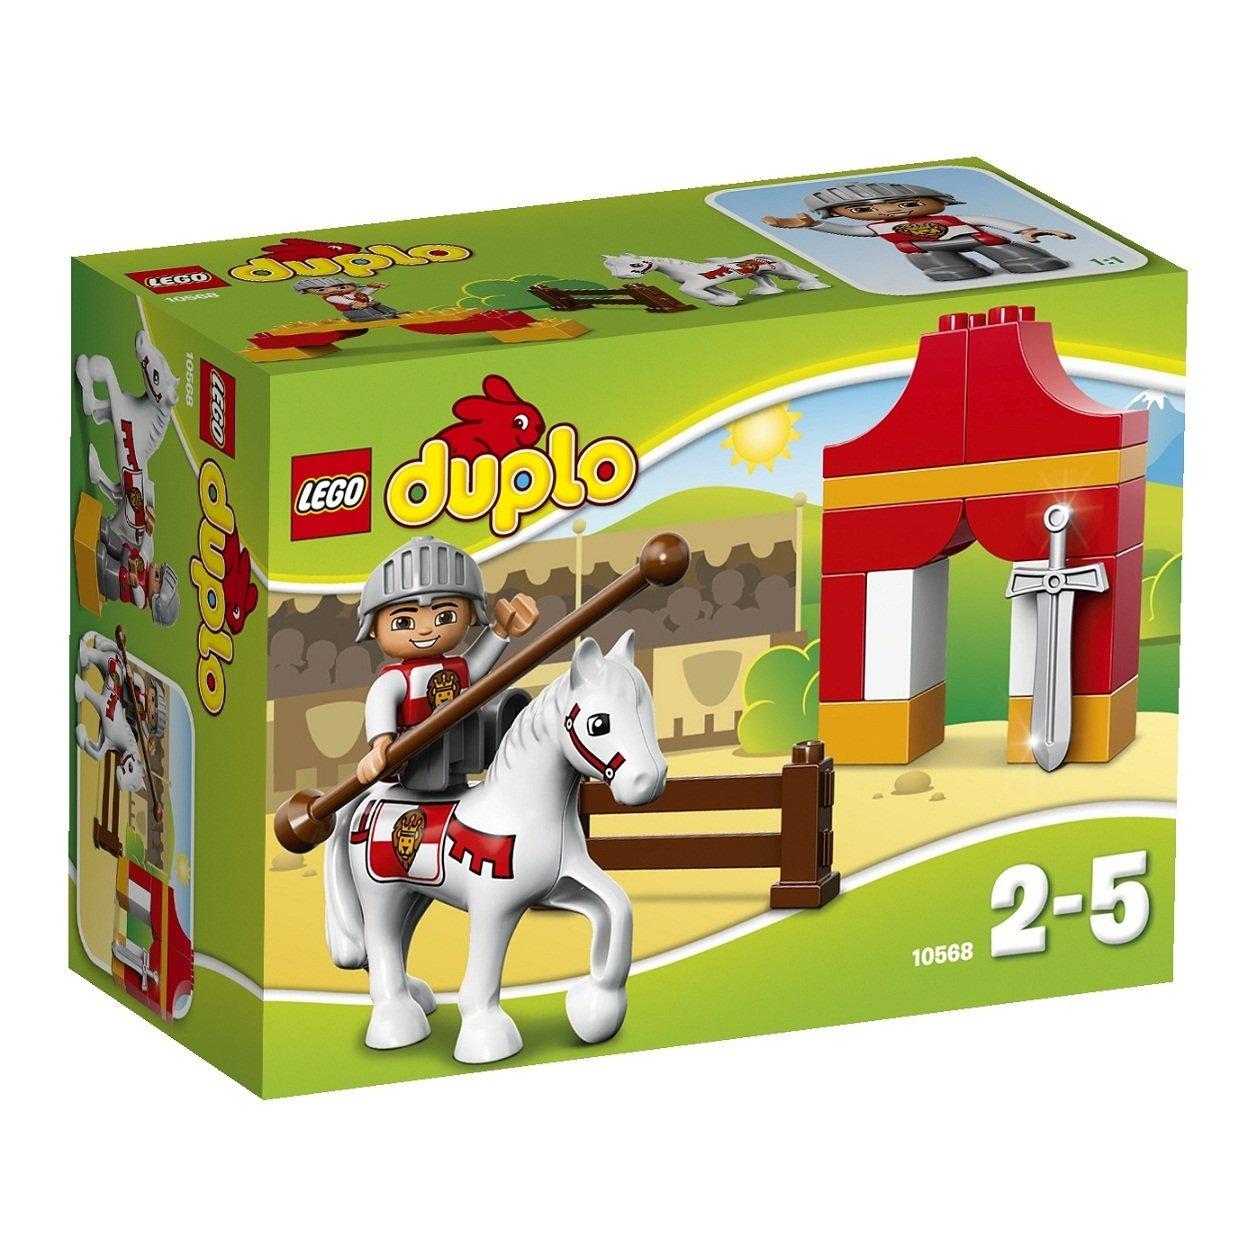 Đồ chơi LEGO Duplo 10568 - Kỵ Sĩ